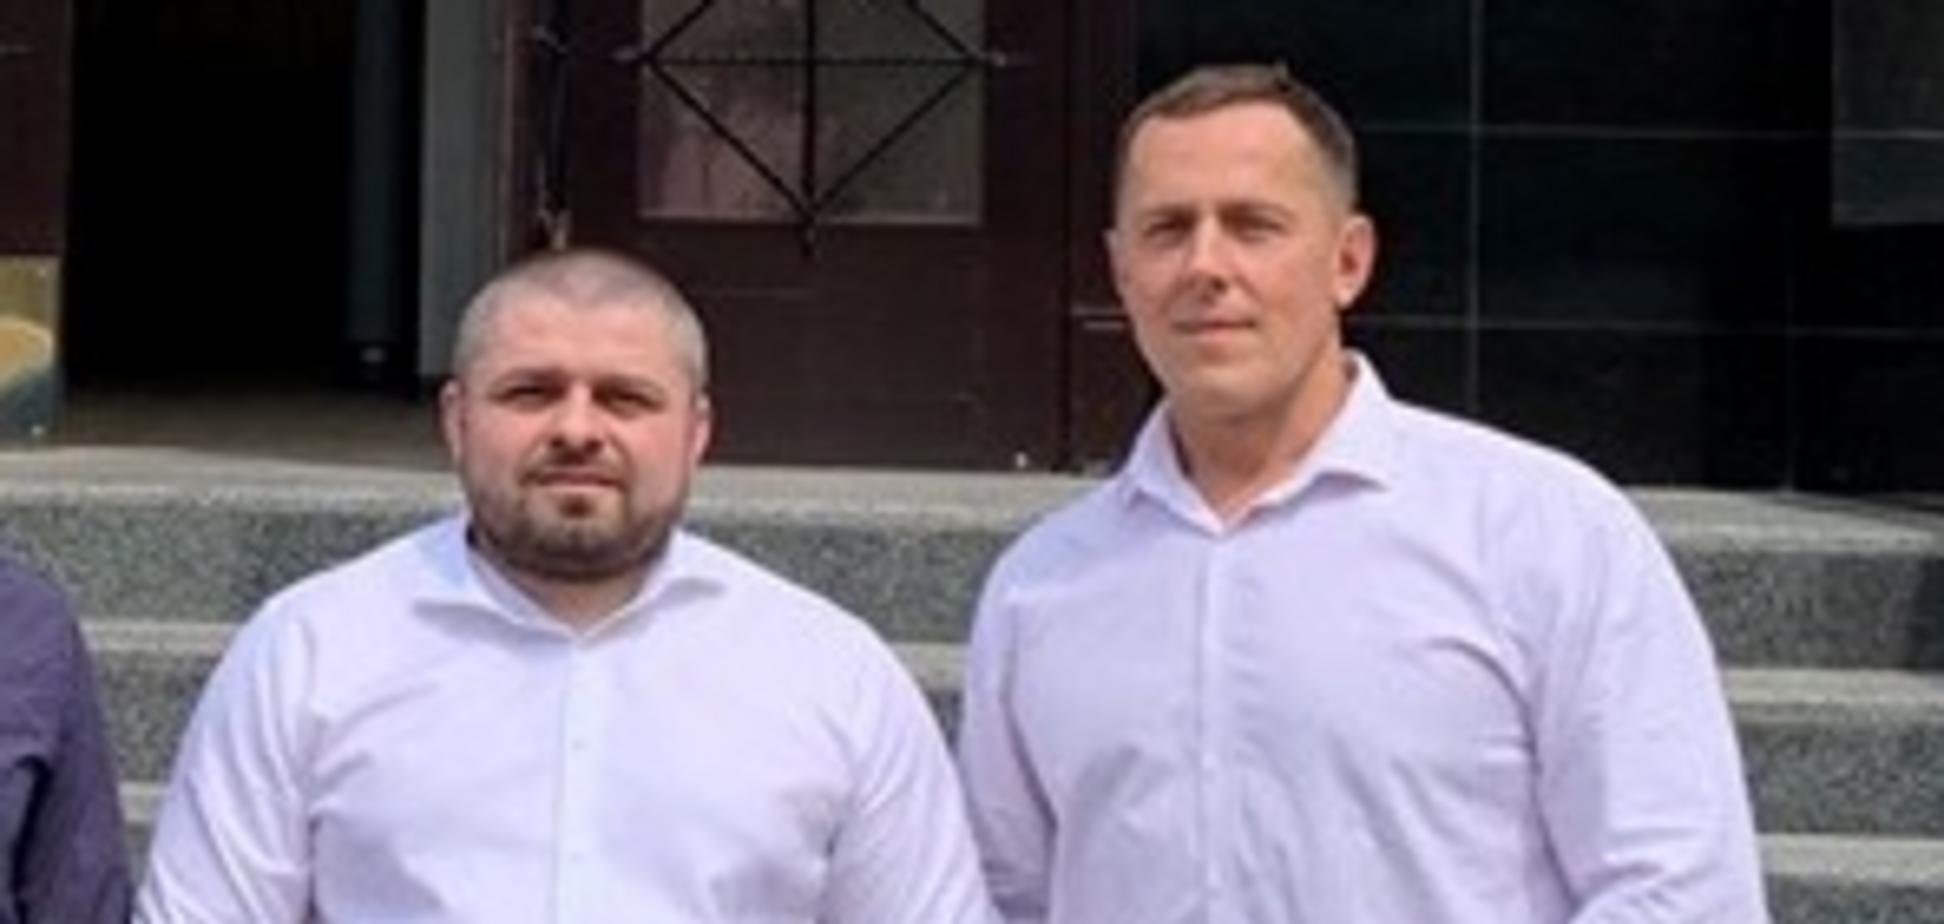 ДБР почало нове провадження у справі Коровченка про 'здачу АР Крим РФ': екс-керівник слідства СБУ під підозрою